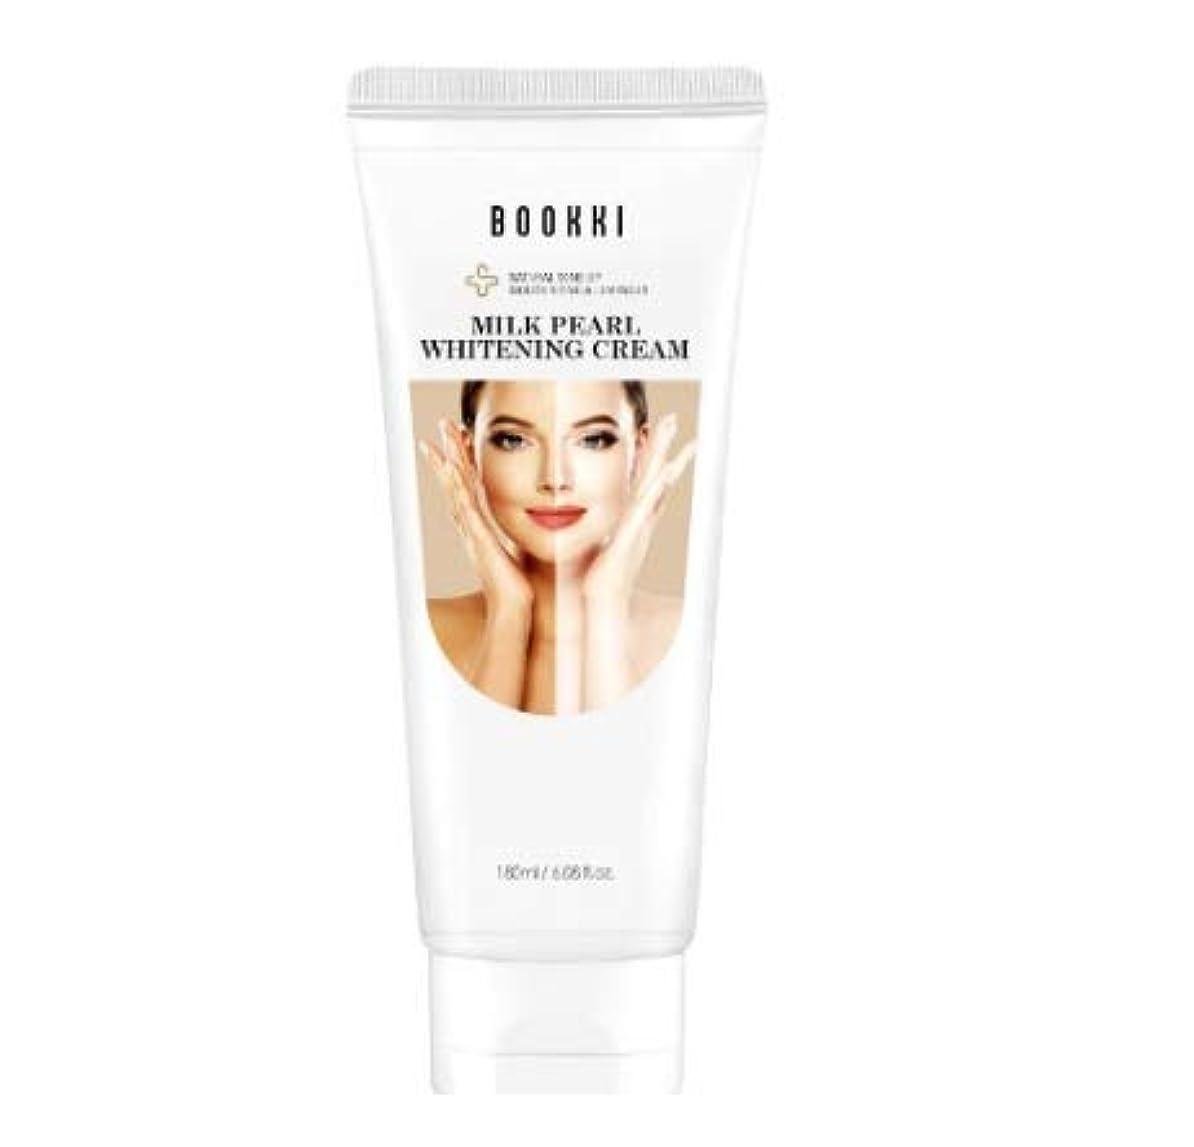 解釈する取り除くくびれたミルク·パール·ホワイトニング·クリーム (180ml) 美白 美顔 美容 ホワイトニング